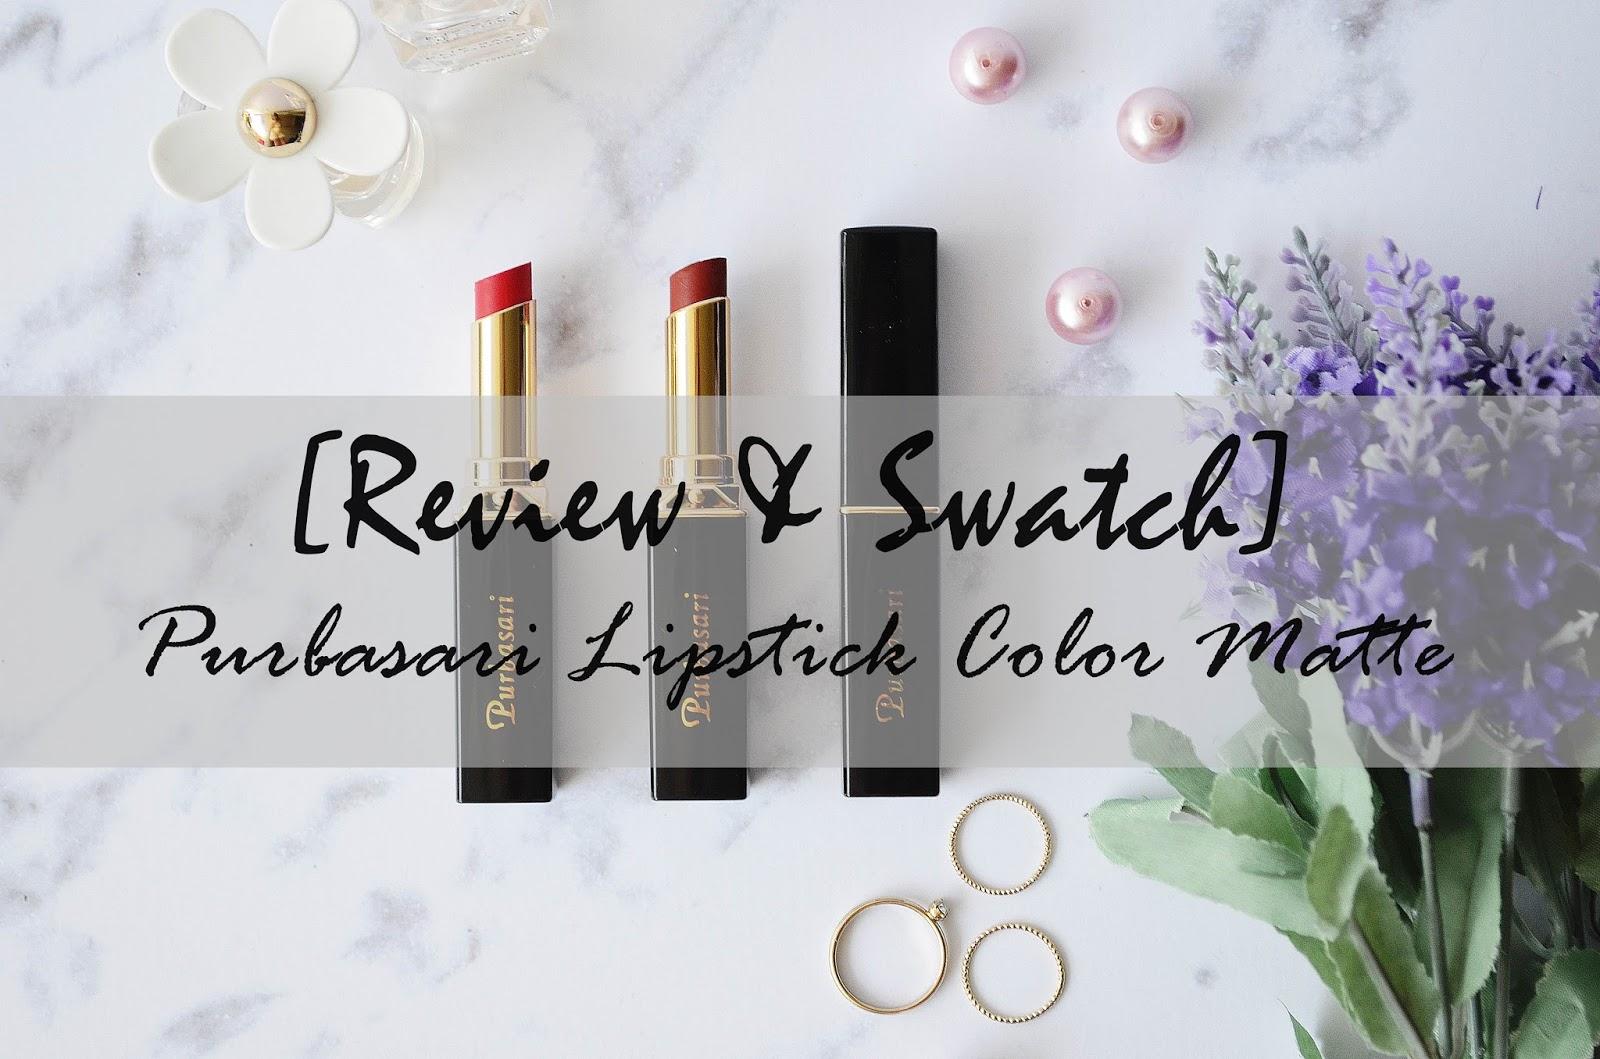 Da Sisters Blog Review Swatch Purbasari Lipstick Color Matte Lipstik Collor Selamat Pagi Beauty Seperti Biasa Saya Akan Memulai Ini Dengan Sebuah Terbaru Sebenarnya Sich Sudah Nge Hits